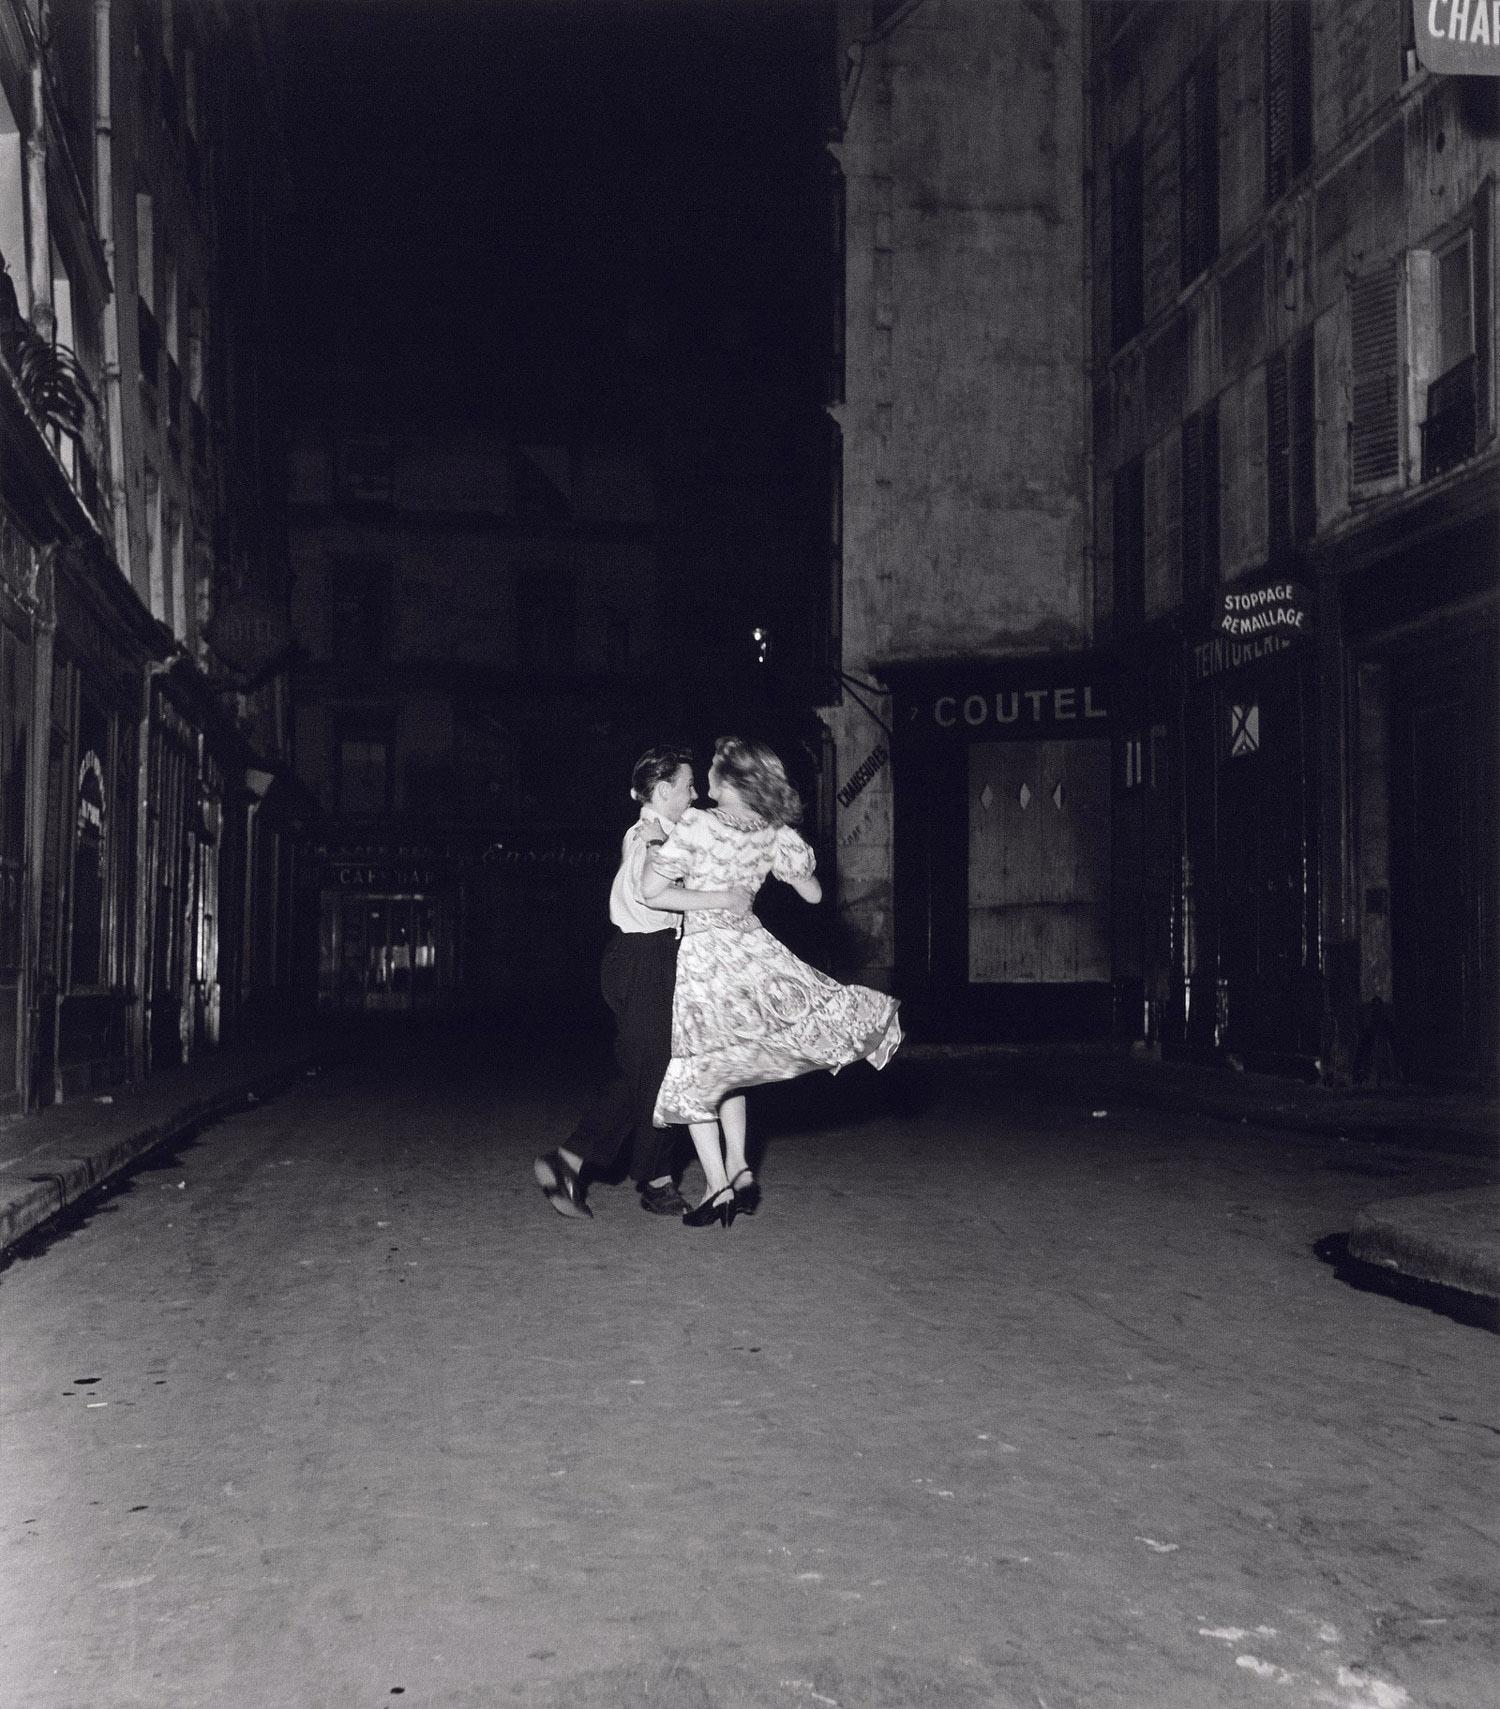 Robert-Doisneau-La-derniere-valse-du-14-juillet-Paris-1949-c-Robert-Doisneau-copie